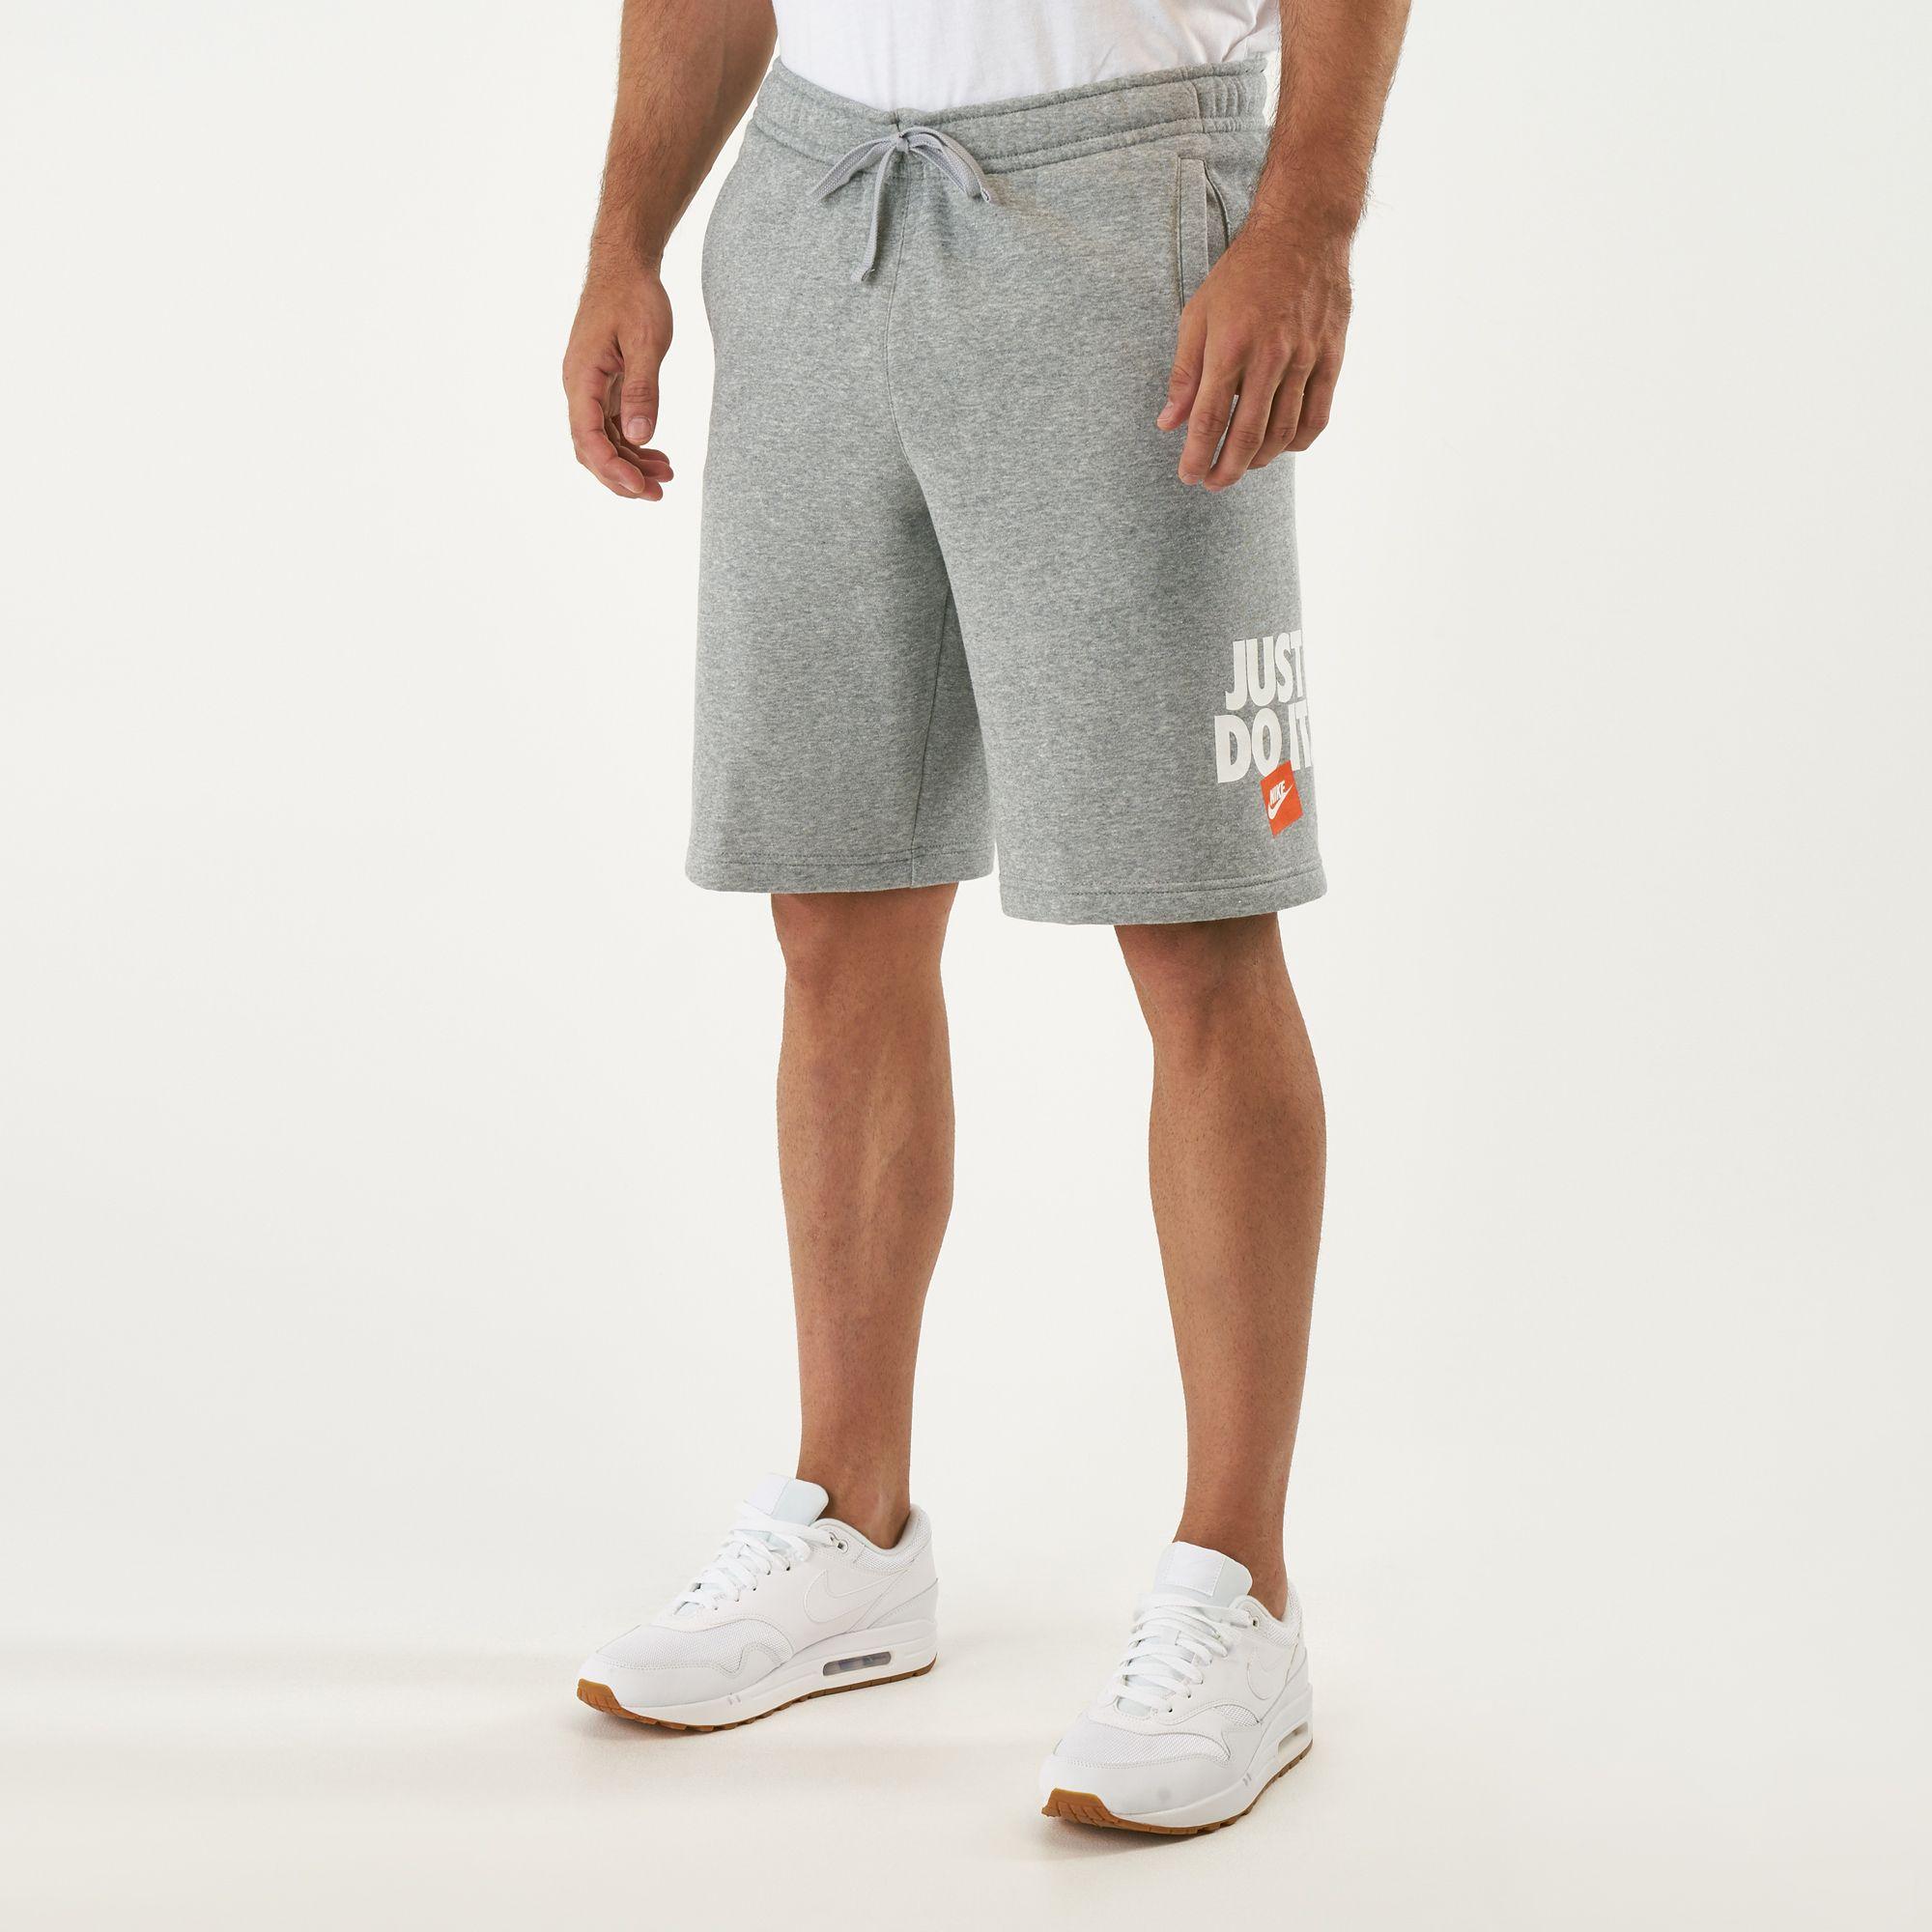 Nike Mens Sportswear Just Do It Shorts